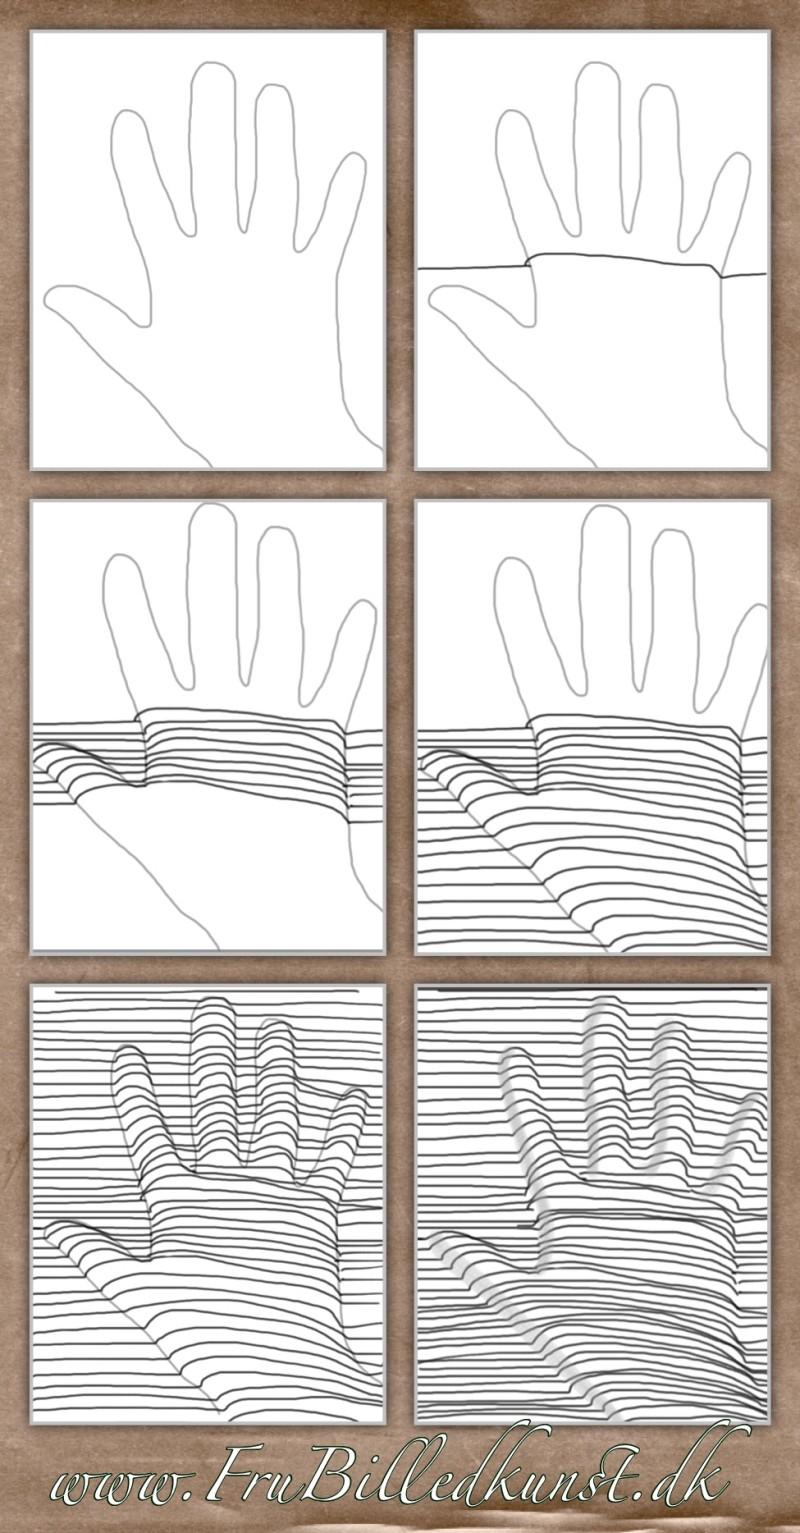 Op Art - 5.del: hånd under streger